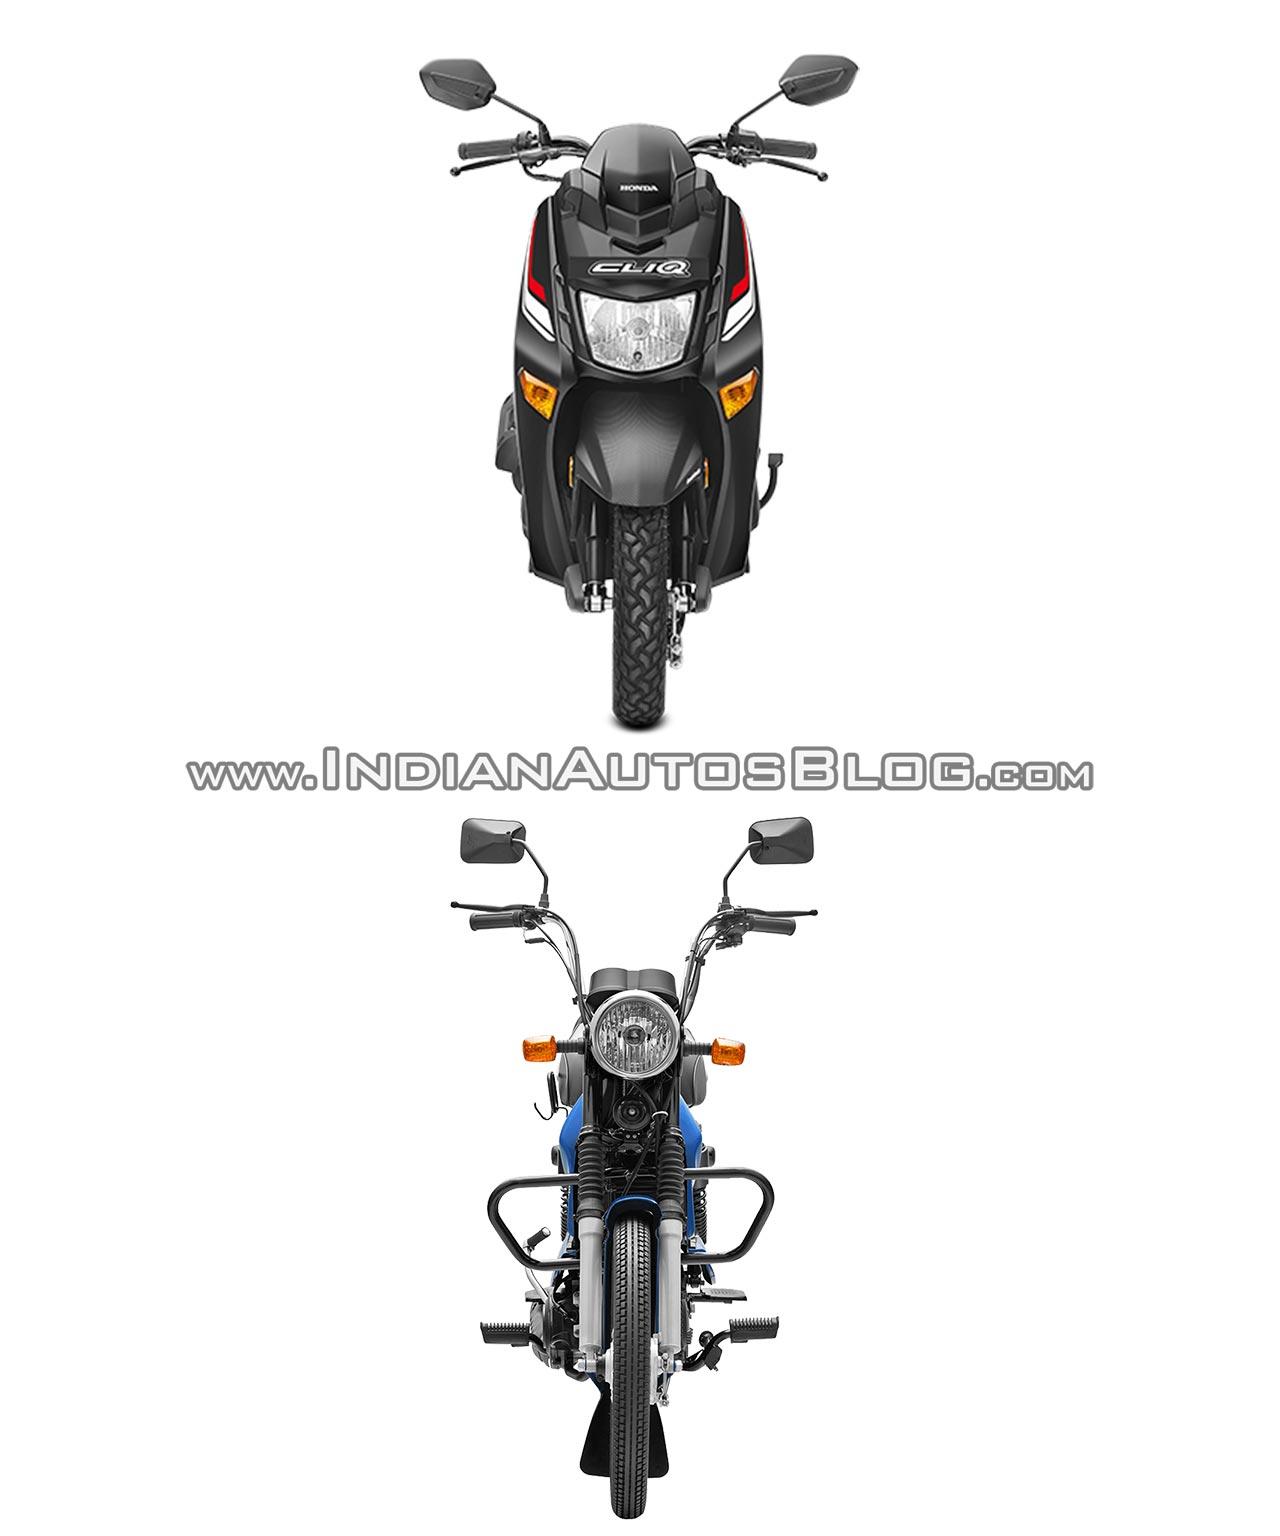 Honda Cliq Vs Tvs Xl 100 Spec Comparo Front